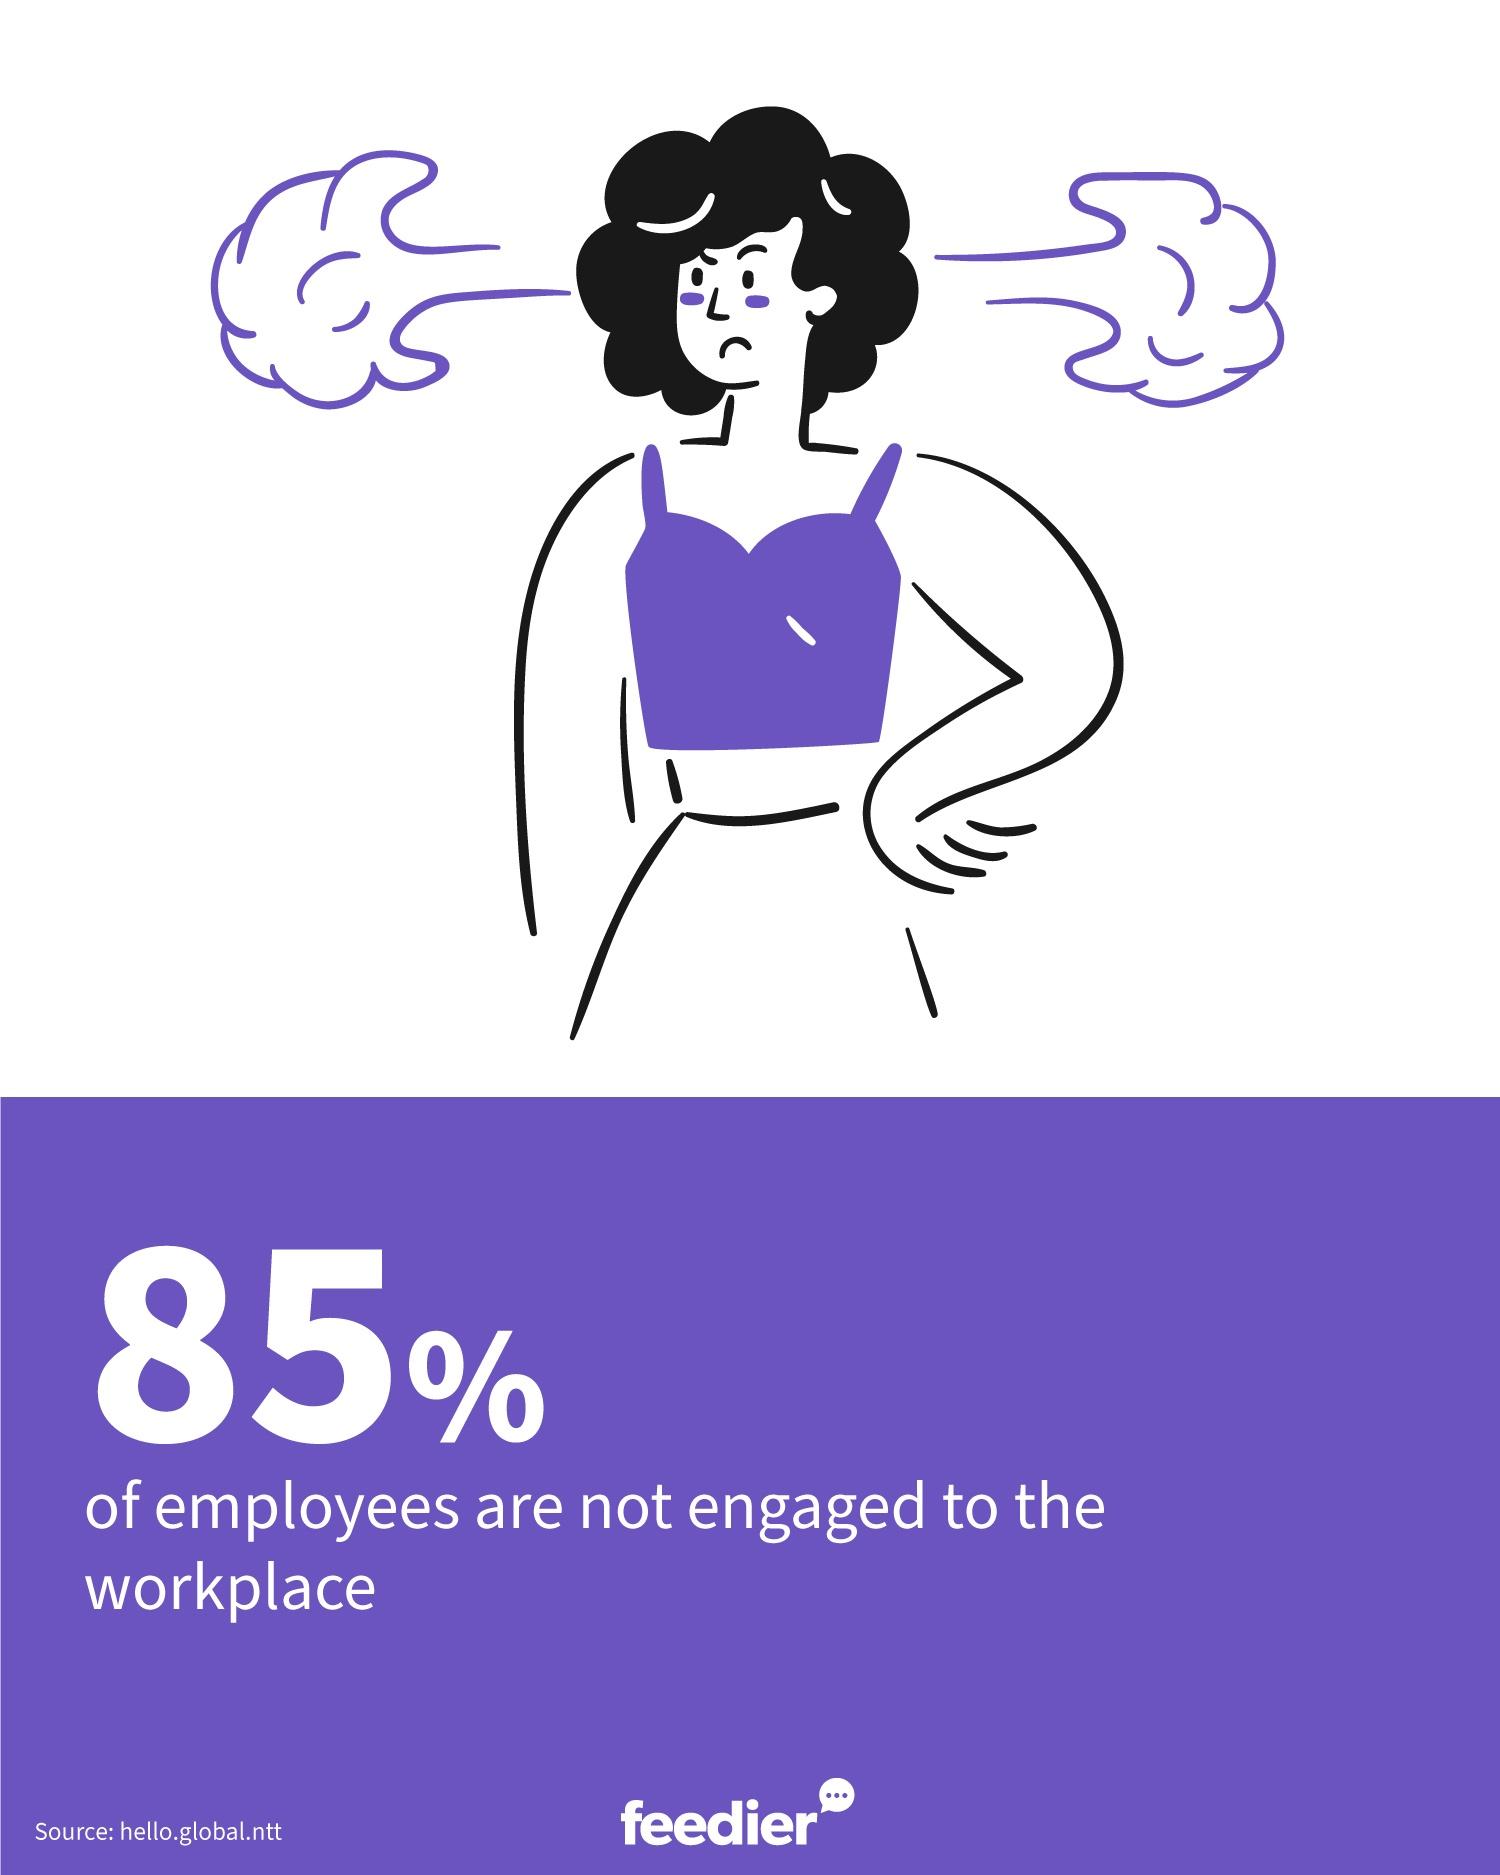 85% des employés ne sont pas engagés